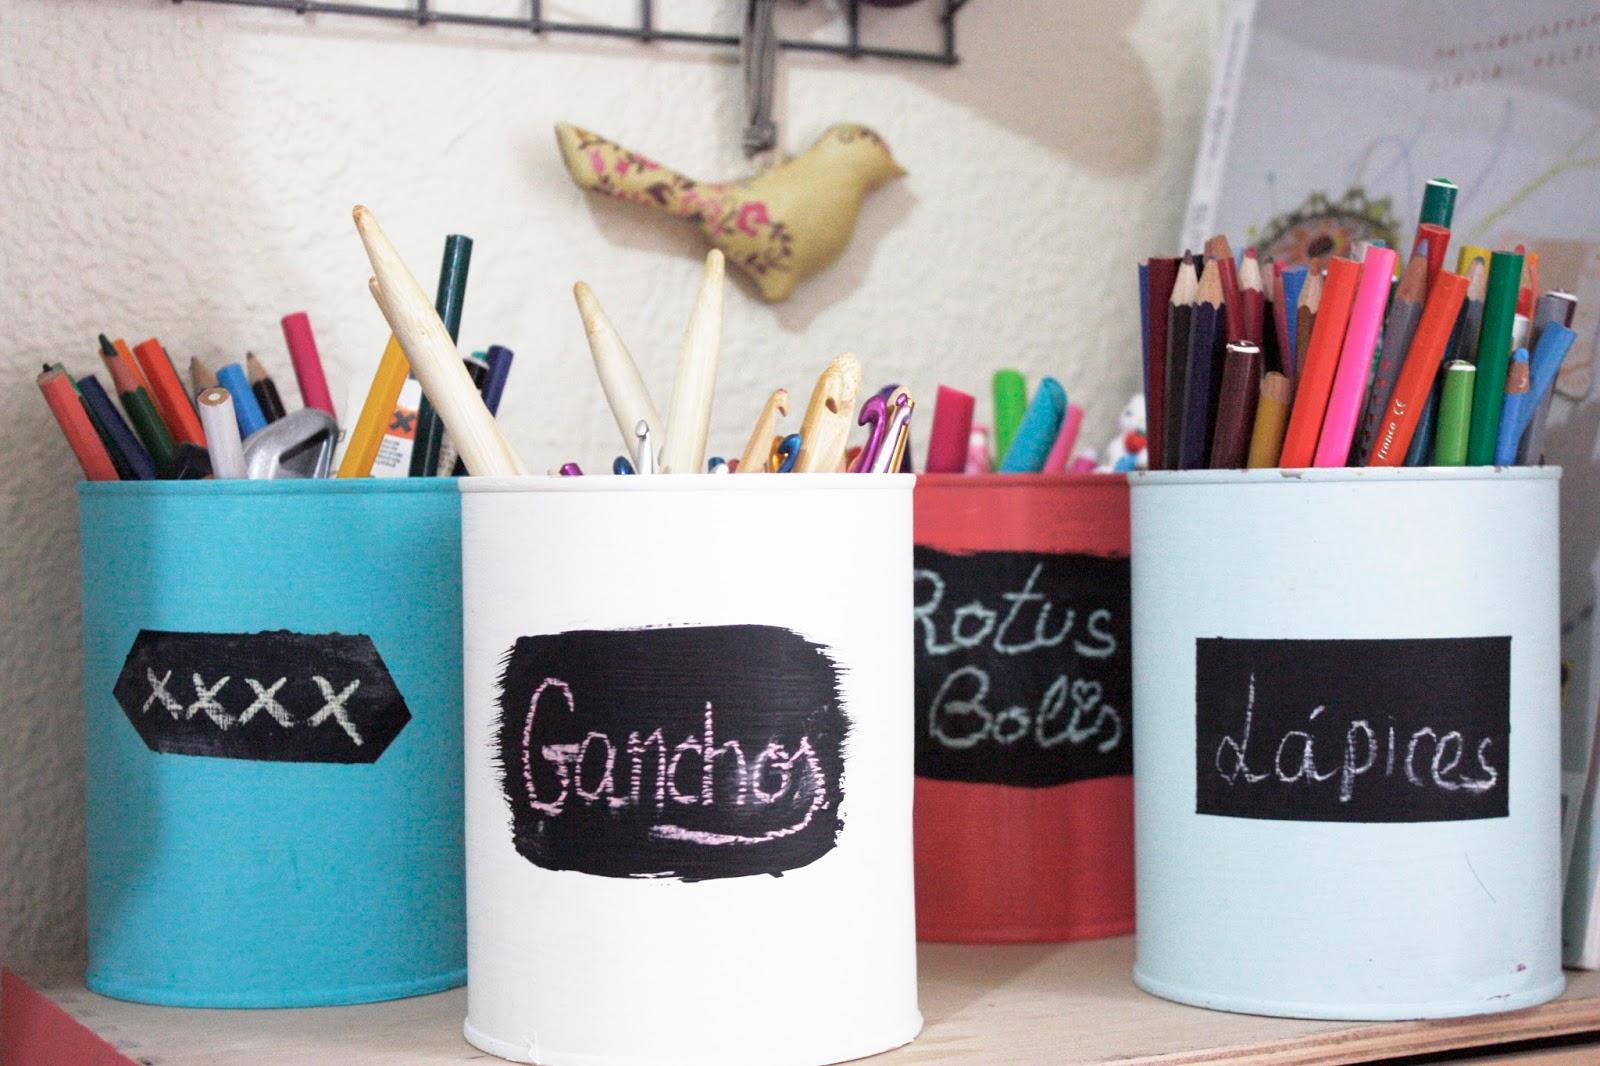 tutorial diy deco pintura de pizarra handbox craft lovers comunidad diy tutoriales diy. Black Bedroom Furniture Sets. Home Design Ideas